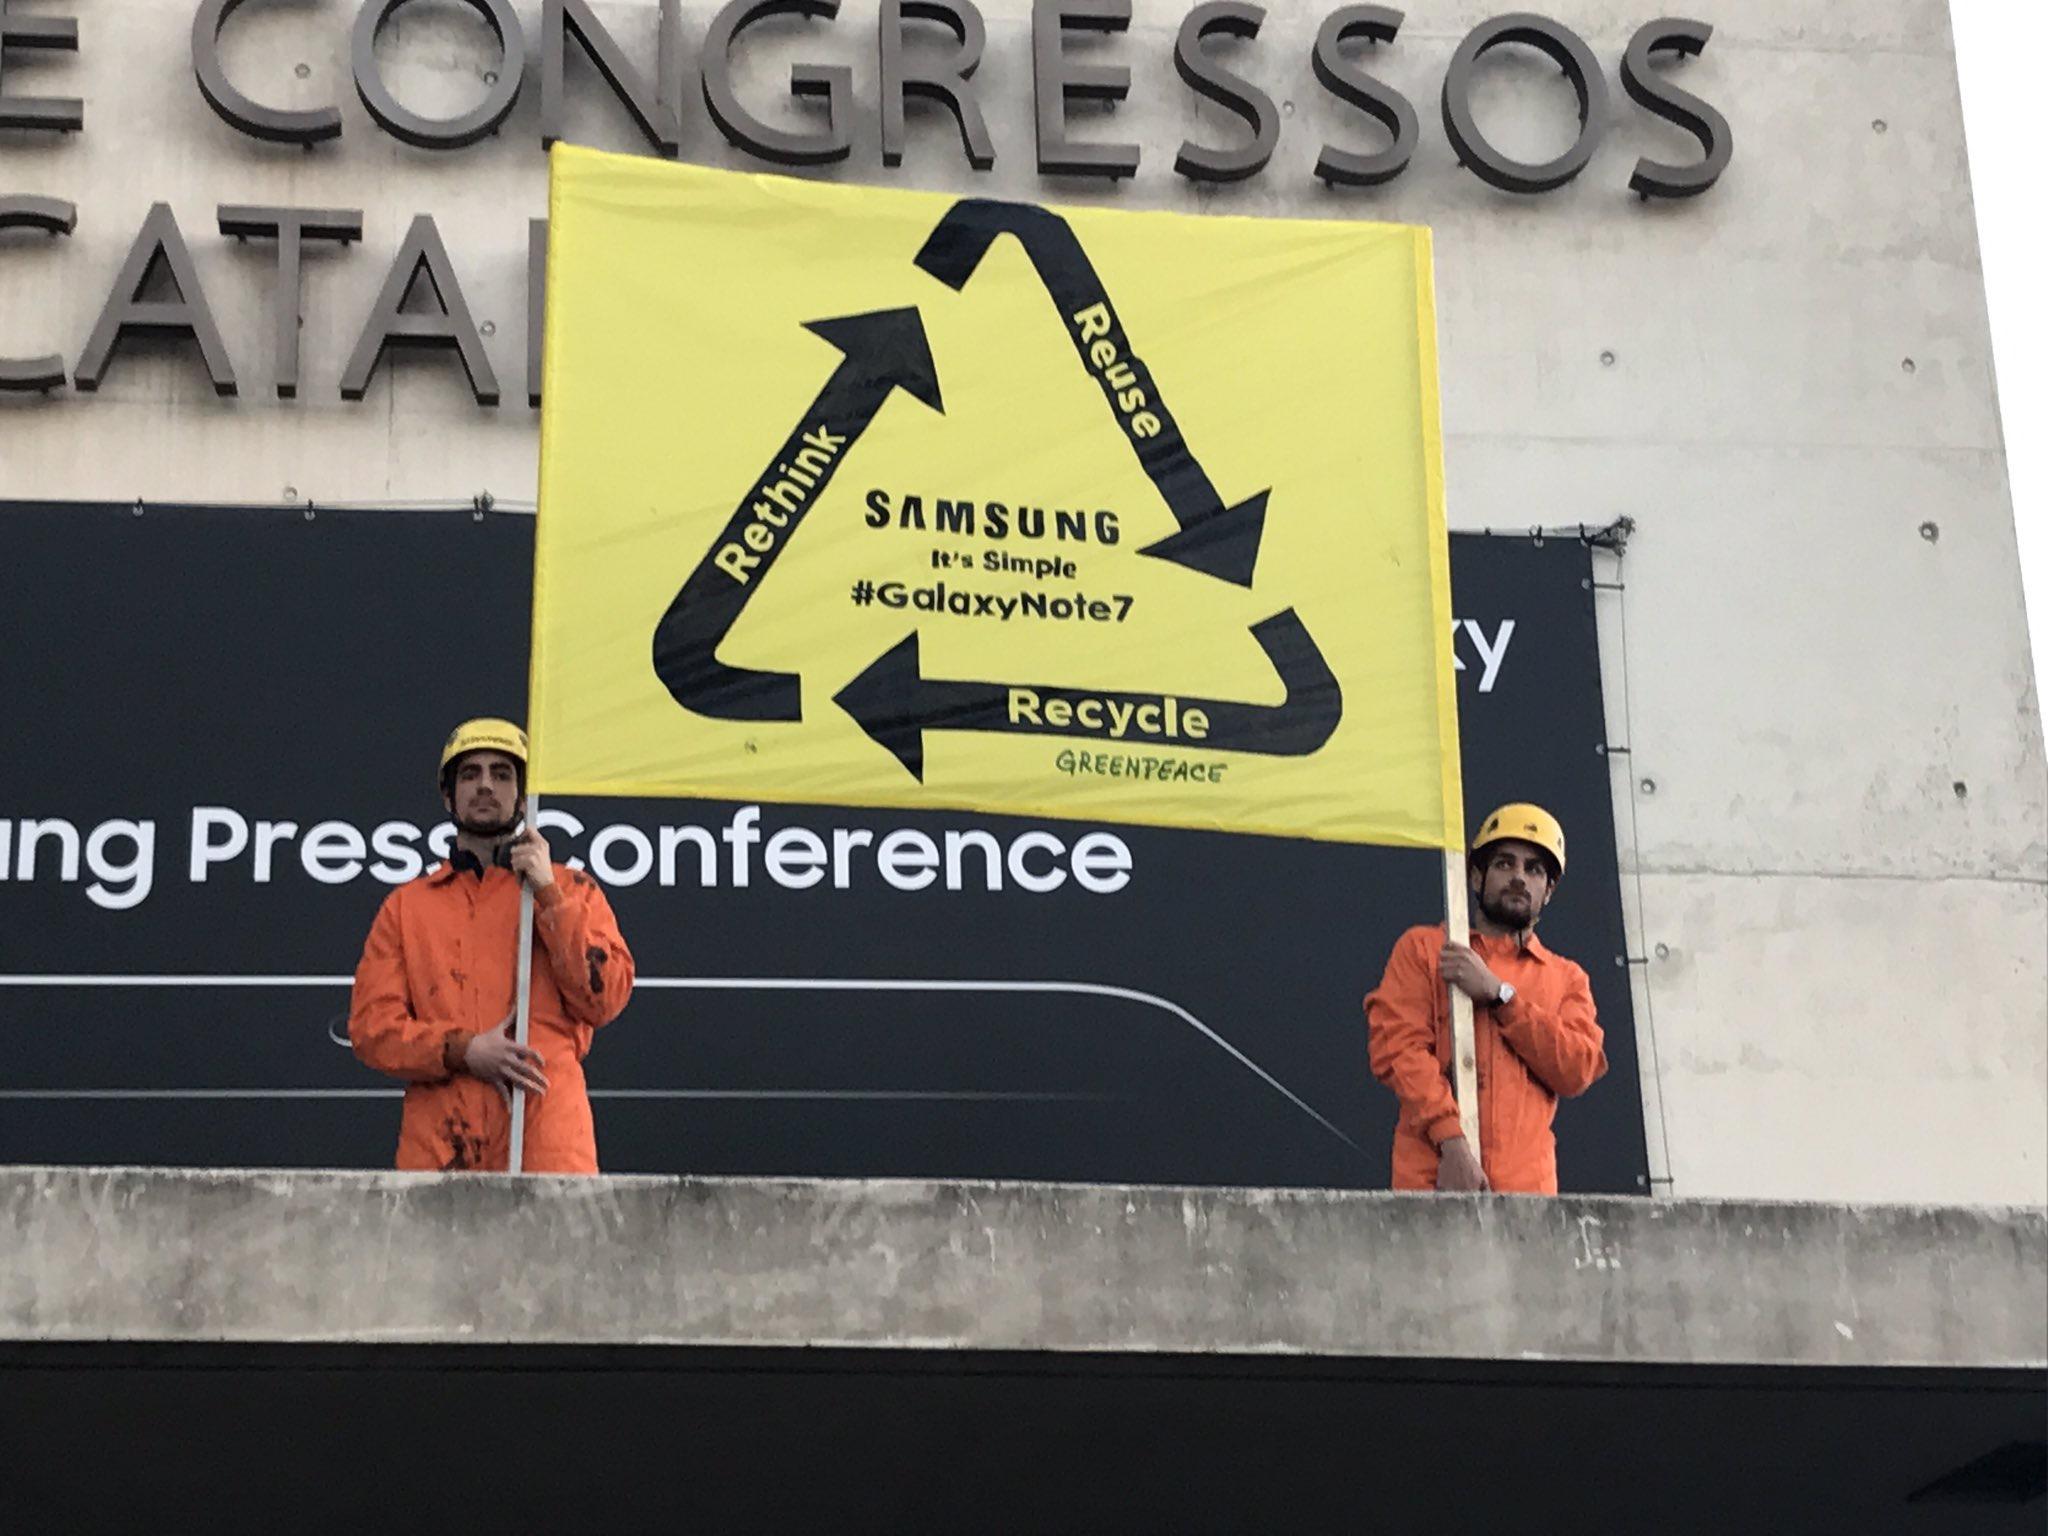 Pourquoi Greenpeace est venu manifester chez Samsung au Mobile World Congress ?